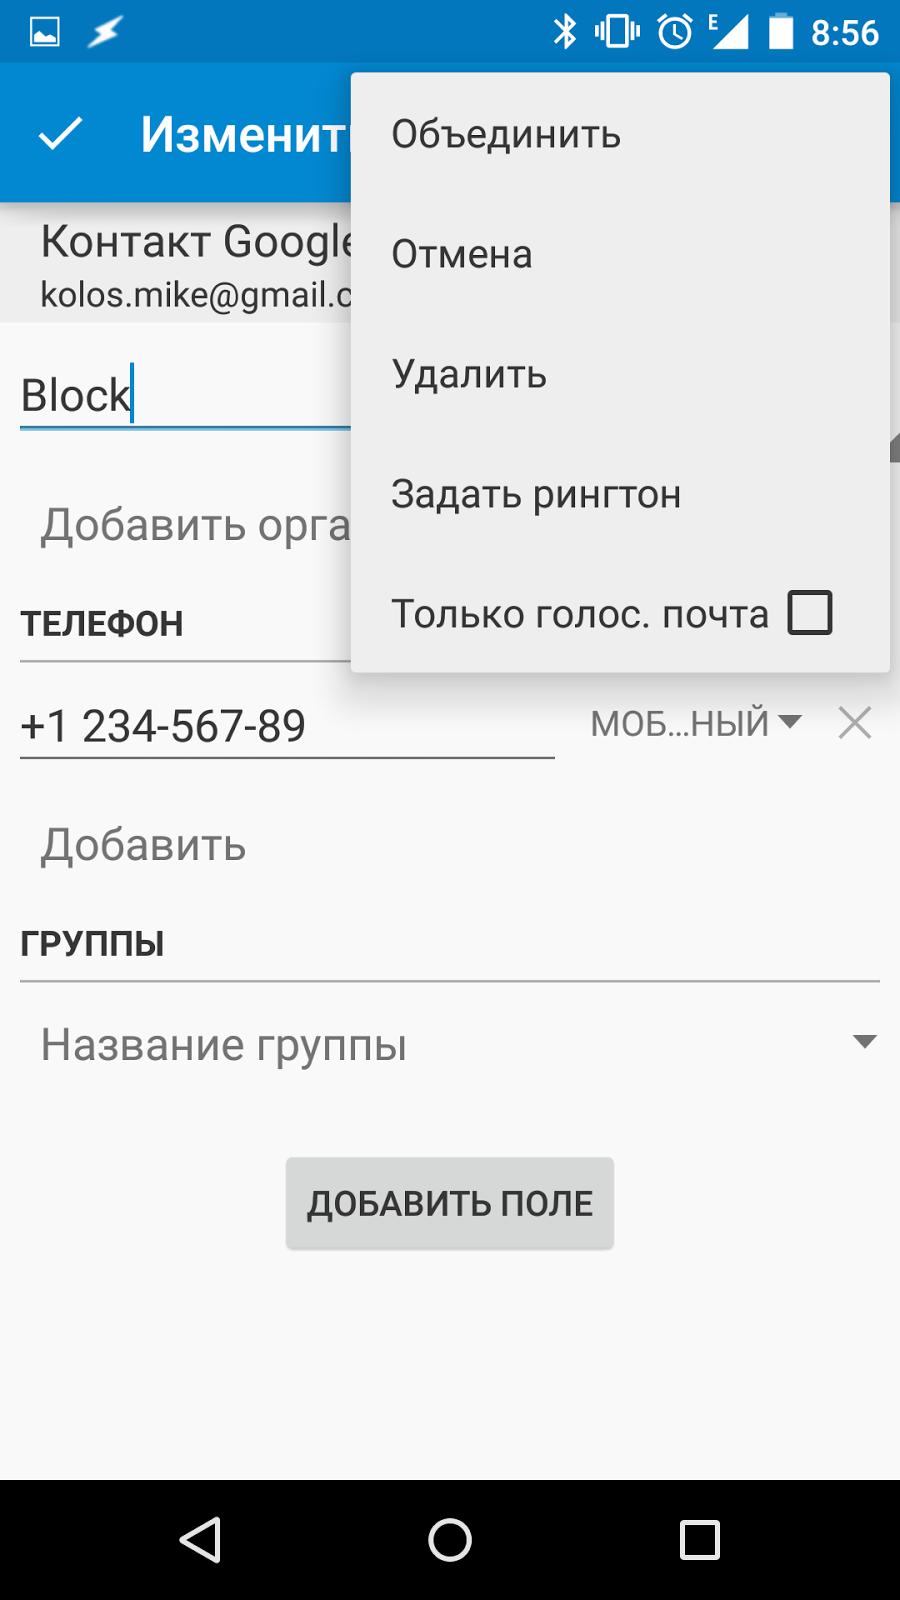 Программа на телефон темный перечень